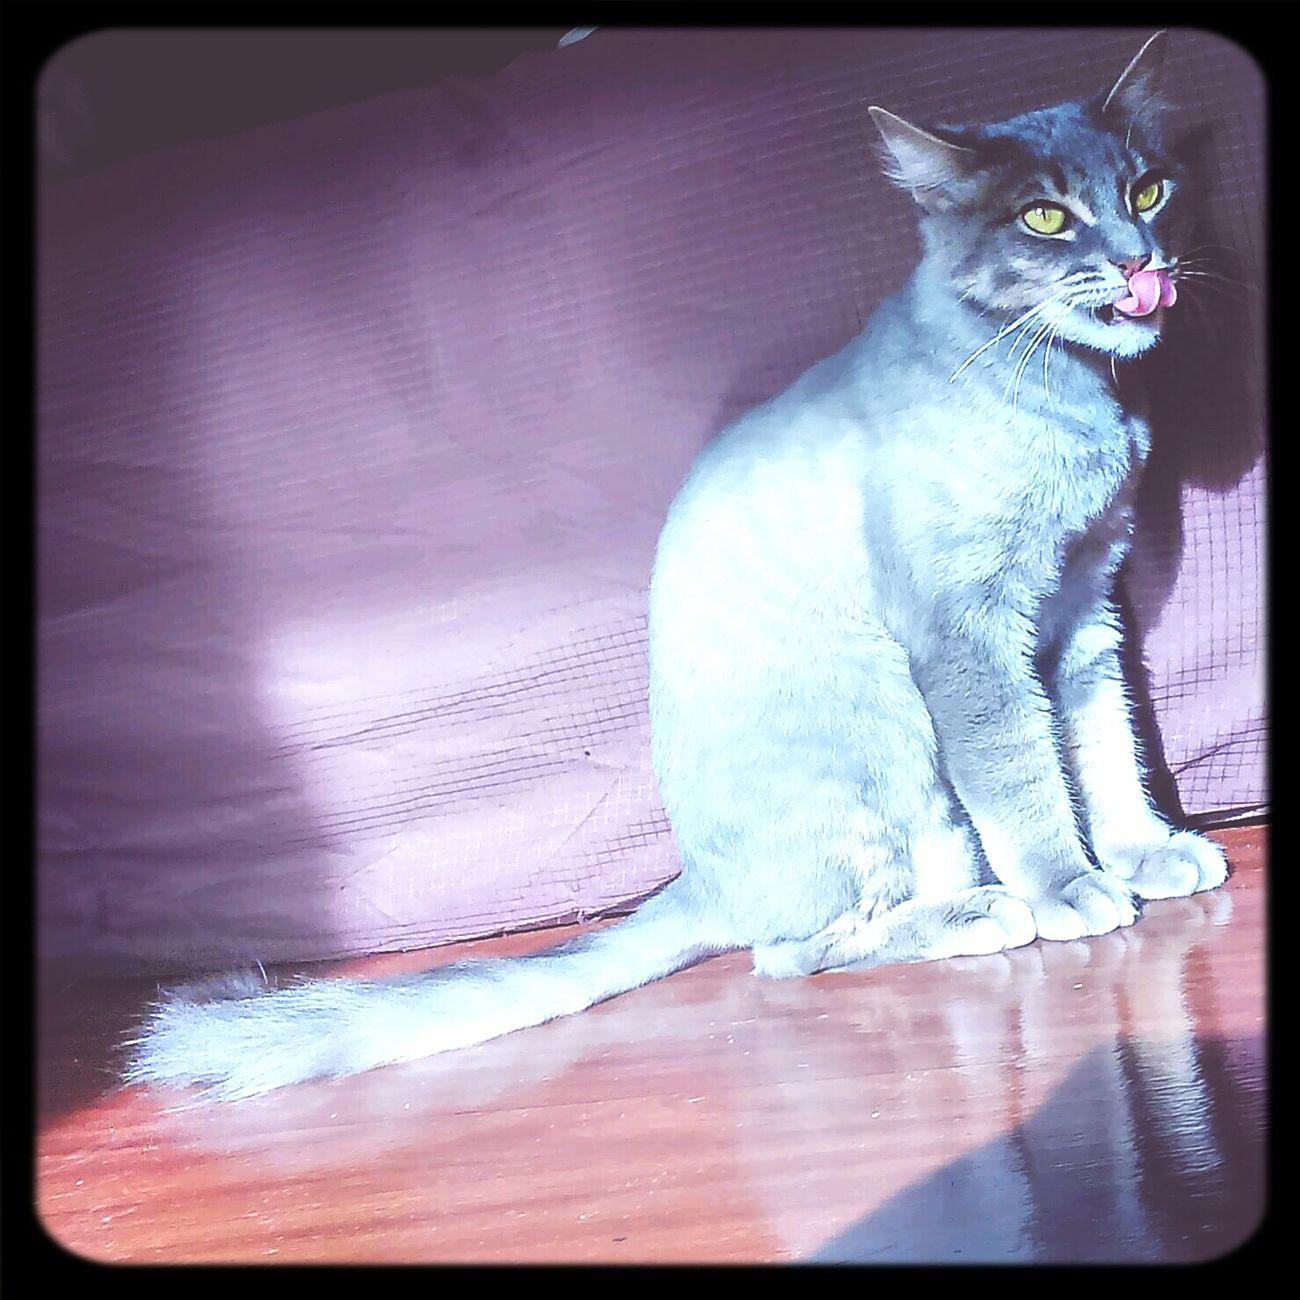 Cat Littlecat  Licklicklick hahahaha Lovely <3